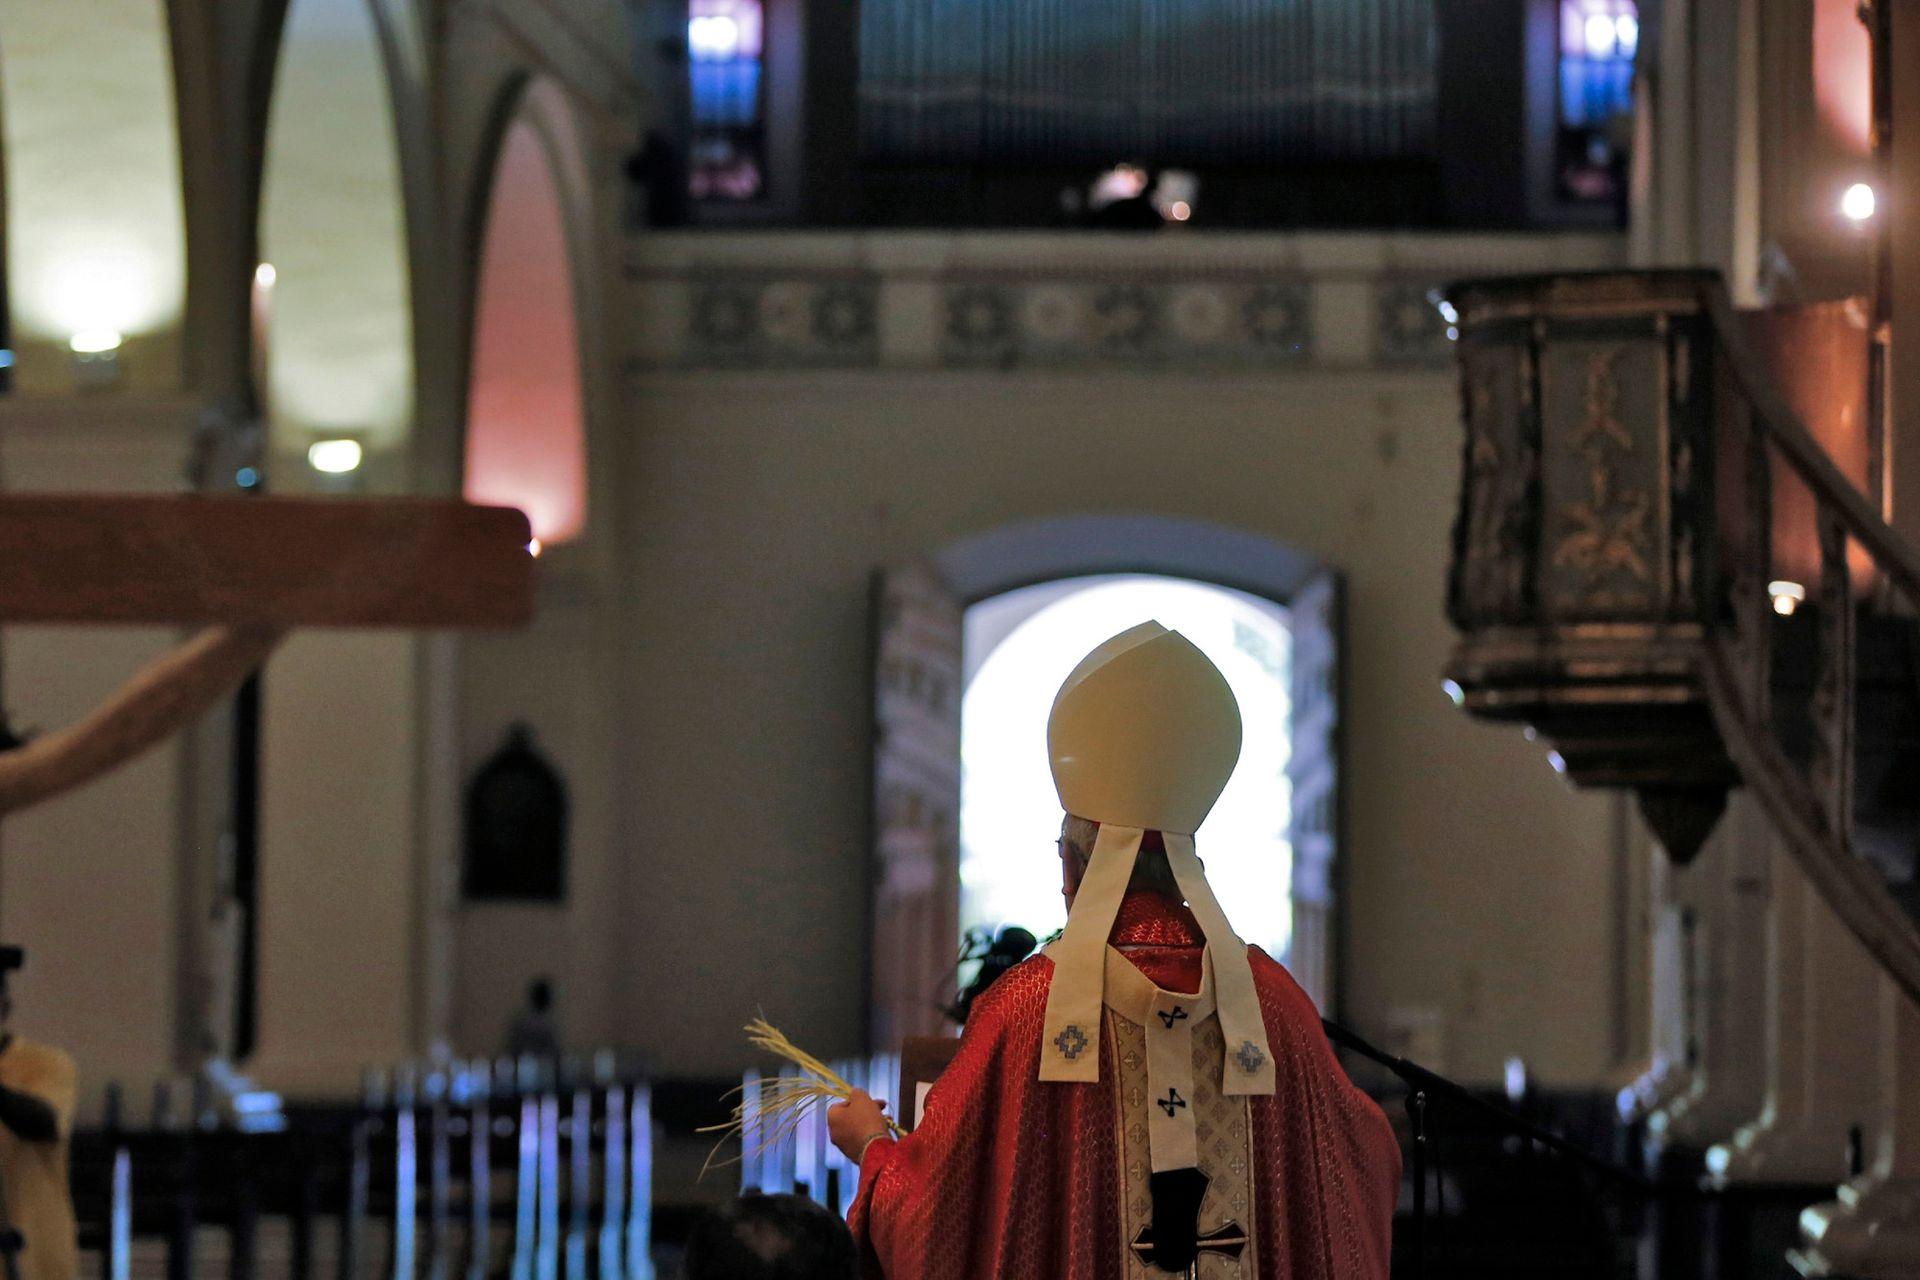 El Arzobispo Edmundo Valenzuela bendice una palma durante la Misa del Domingo de Ramos dentro de la Catedral, desprovista de feligreses